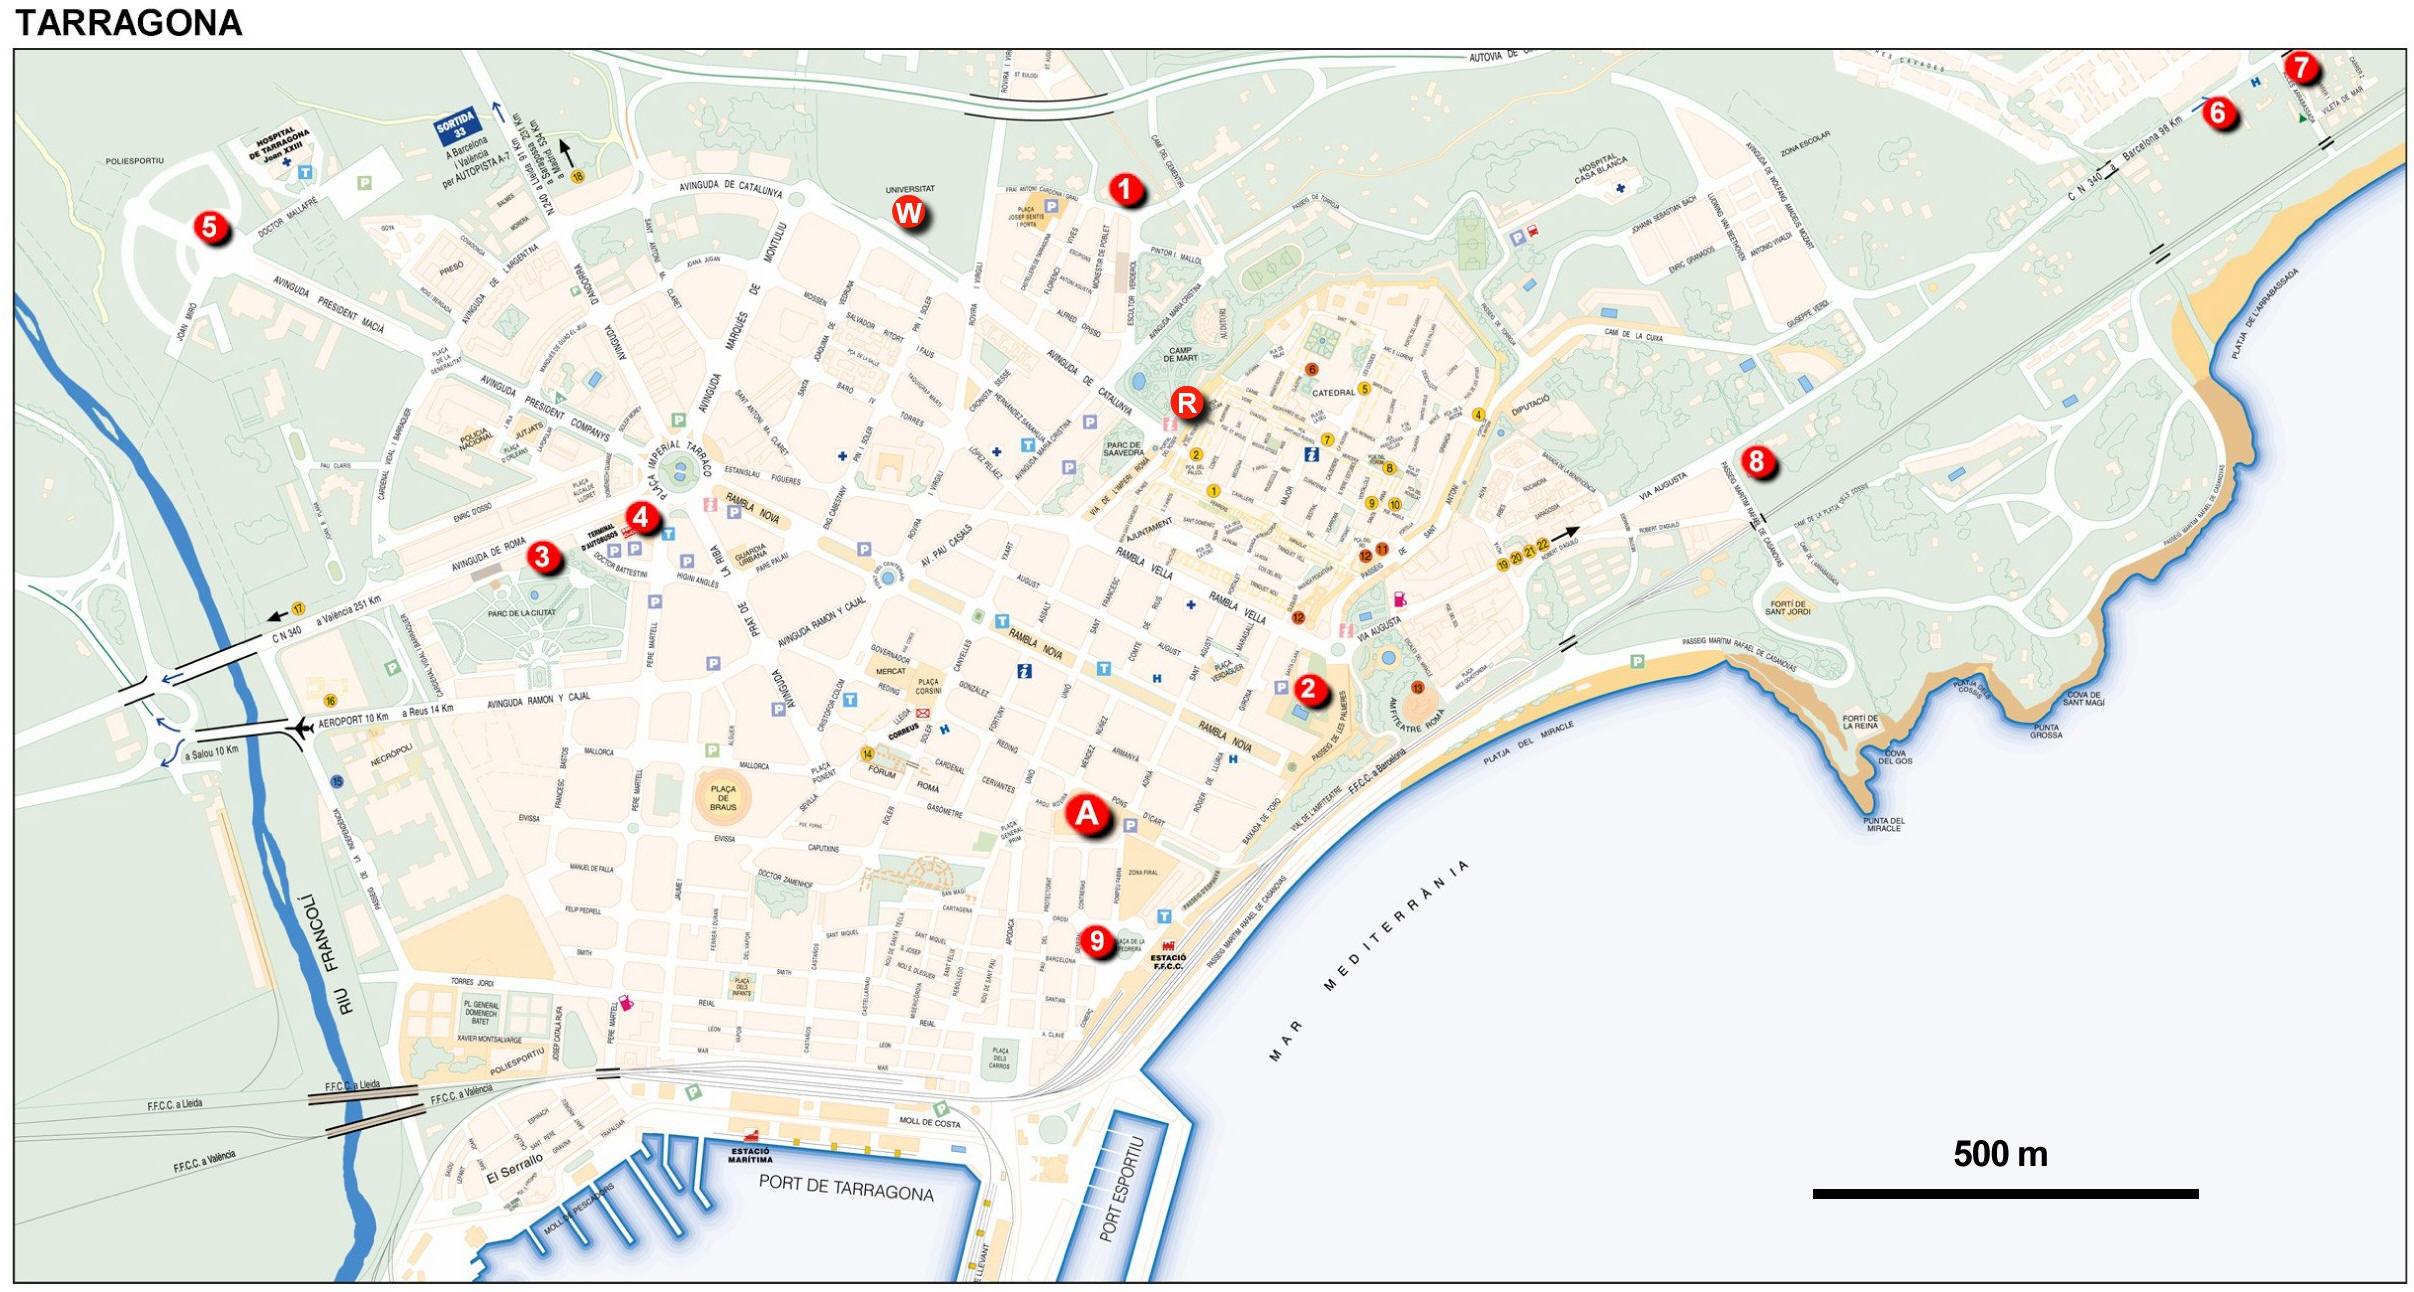 Cartina Spagna Tarragona.Mappa Tarragona Cartina Di Tarragona In Spagna